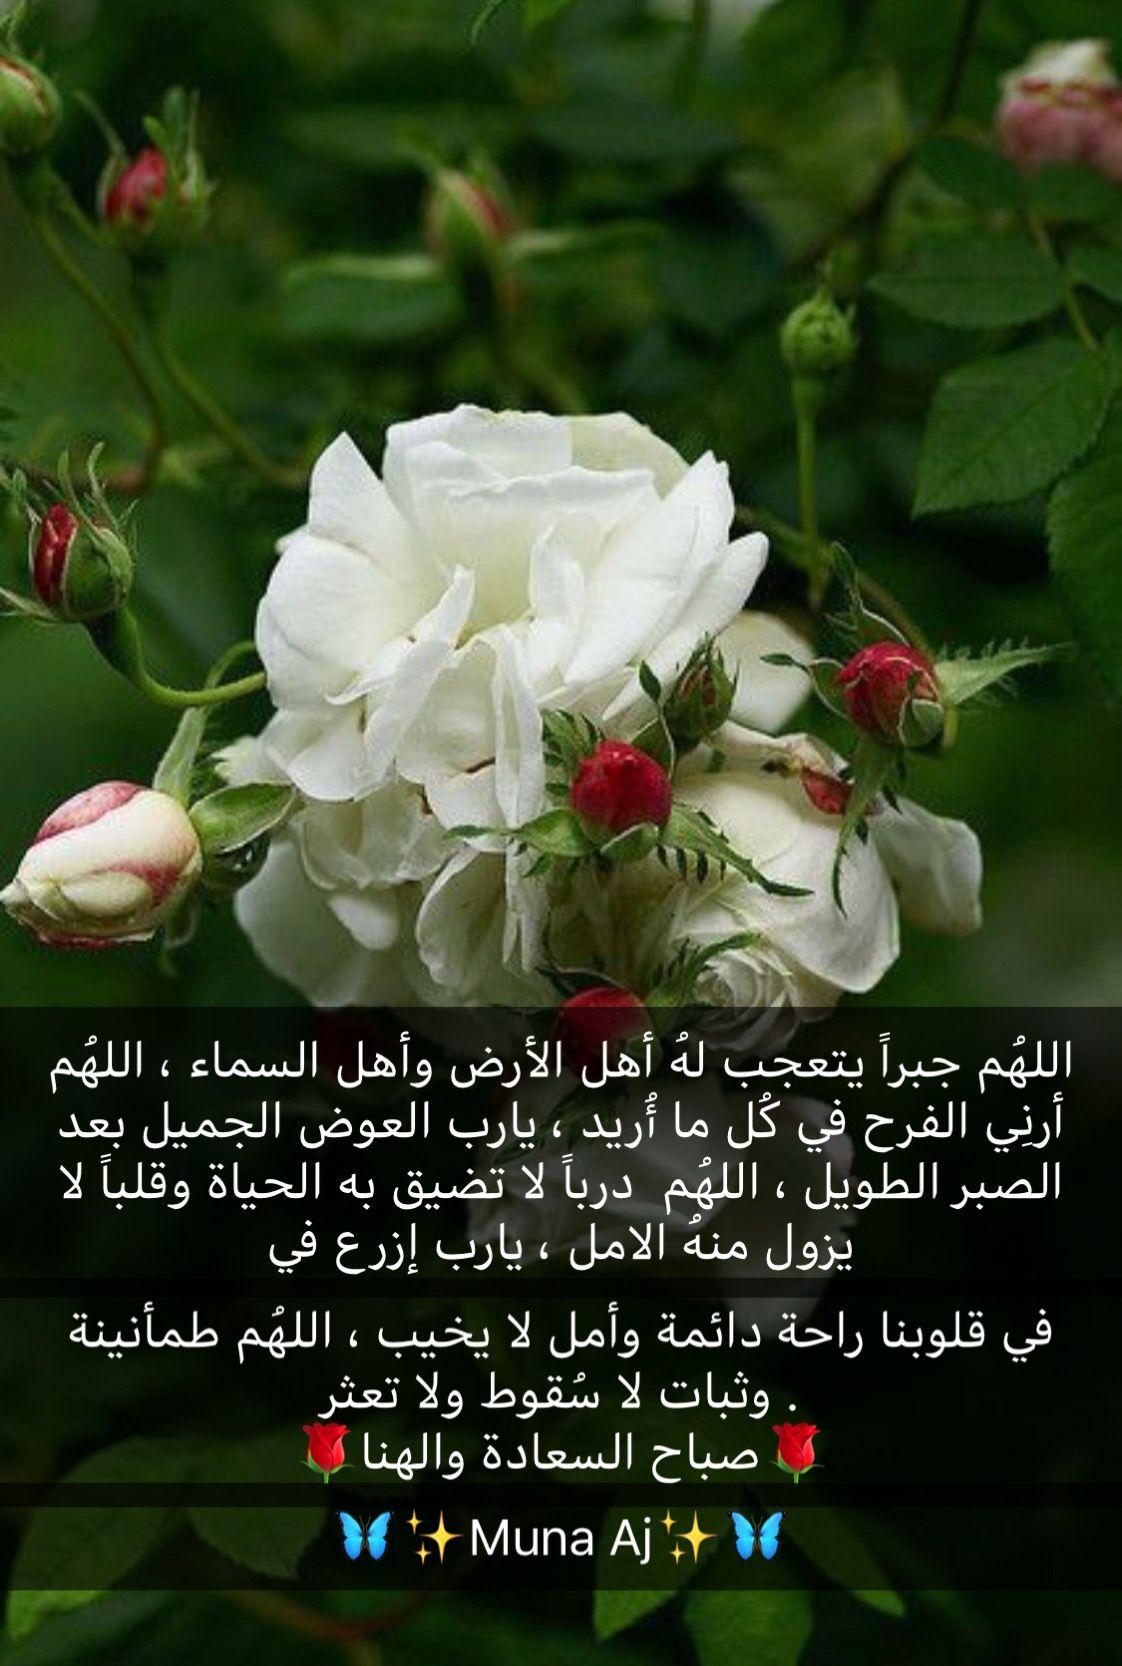 Pin By Queen Roses On صباح ومساء الخير اقتباسات جميله Good Morning Arabic Flower Wallpaper Morning Quotes